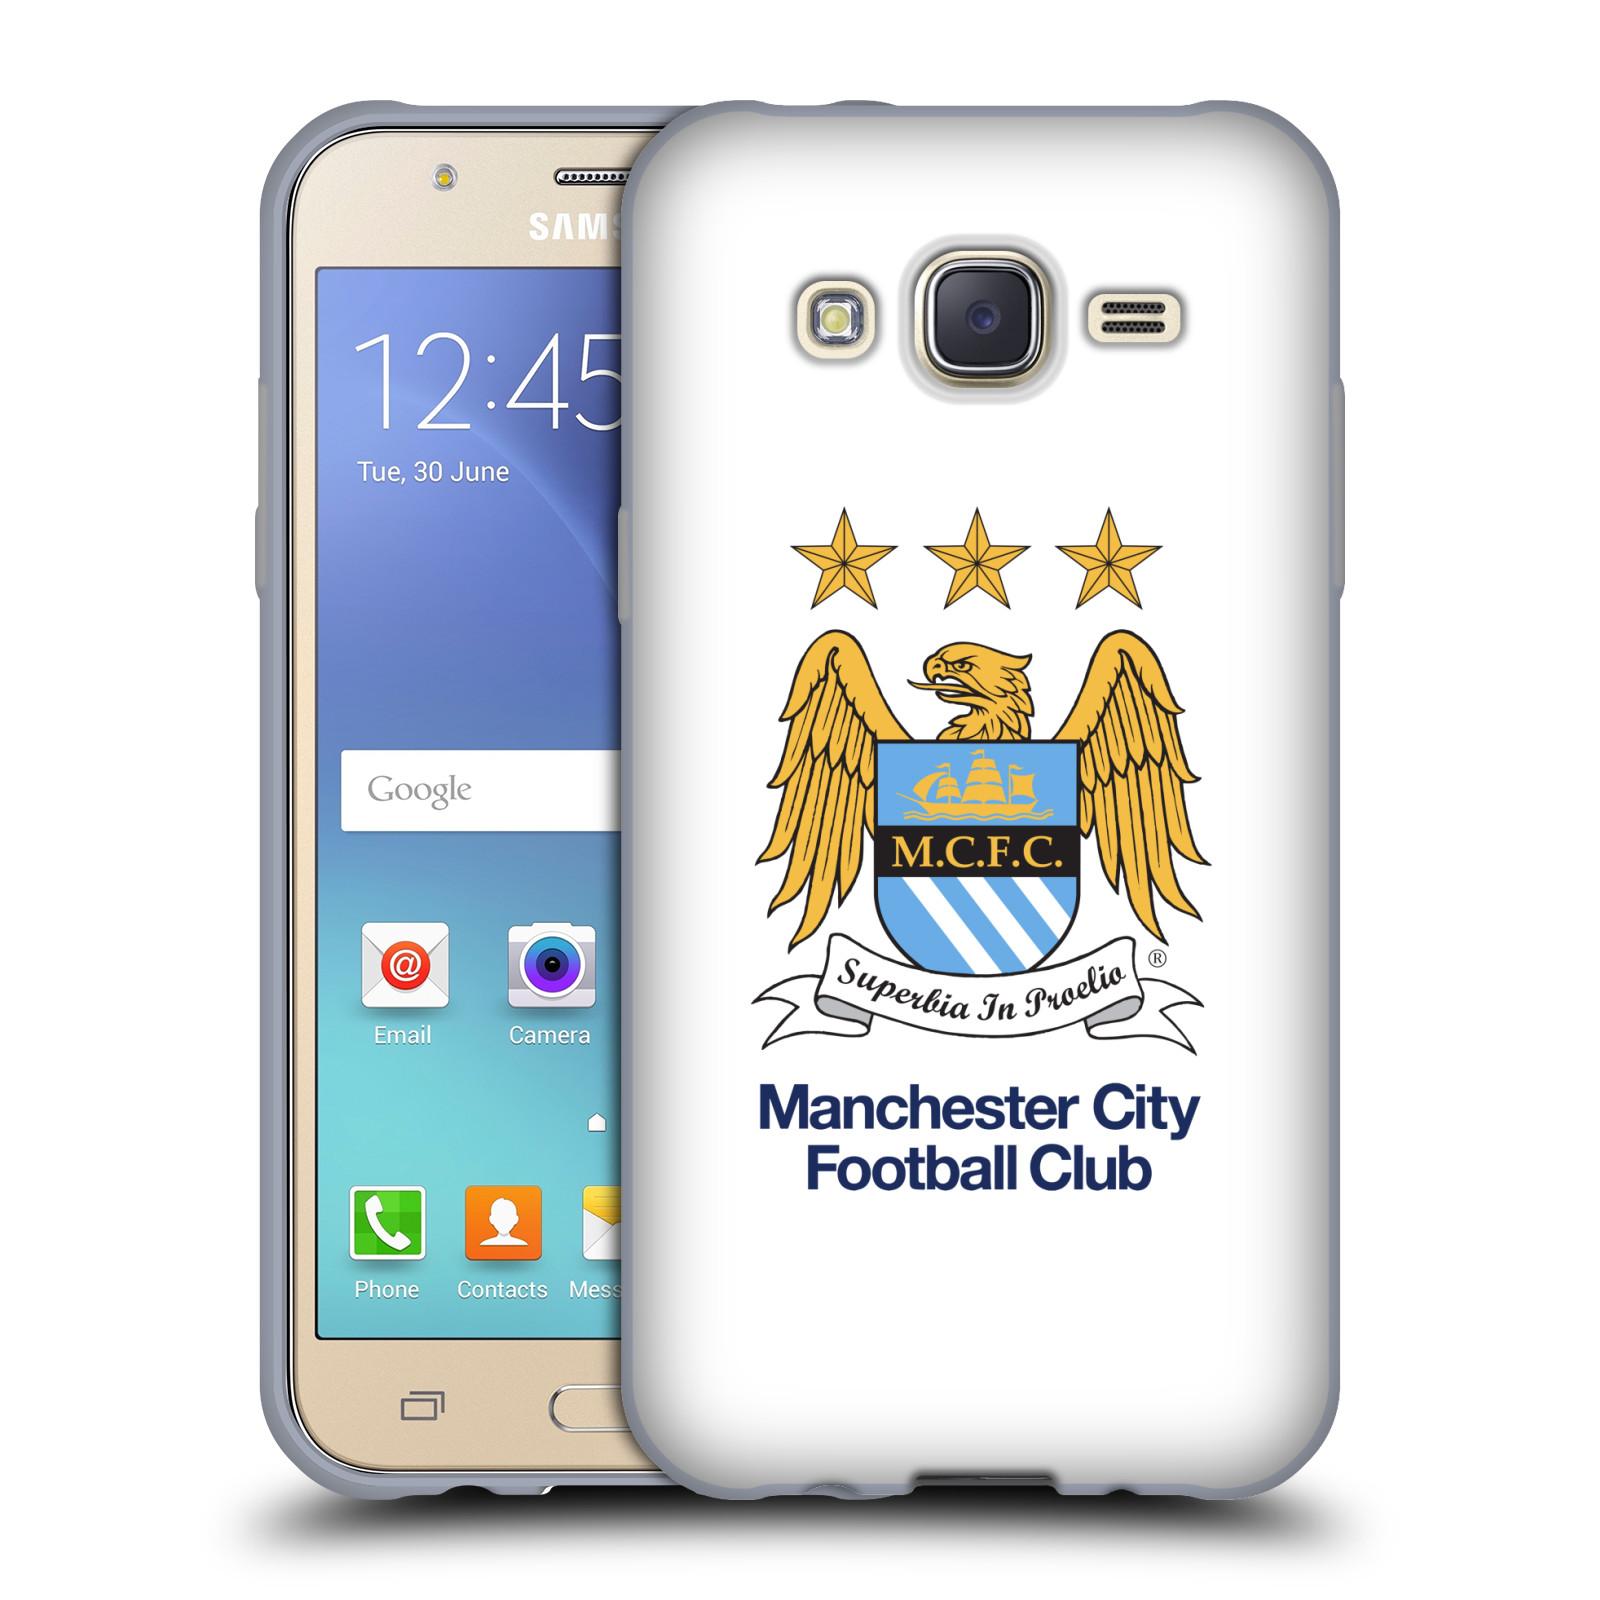 HEAD CASE silikonový obal na mobil Samsung Galaxy J5 2015 (J500) Fotbalový klub Manchester City bílé pozadí velký znak pták